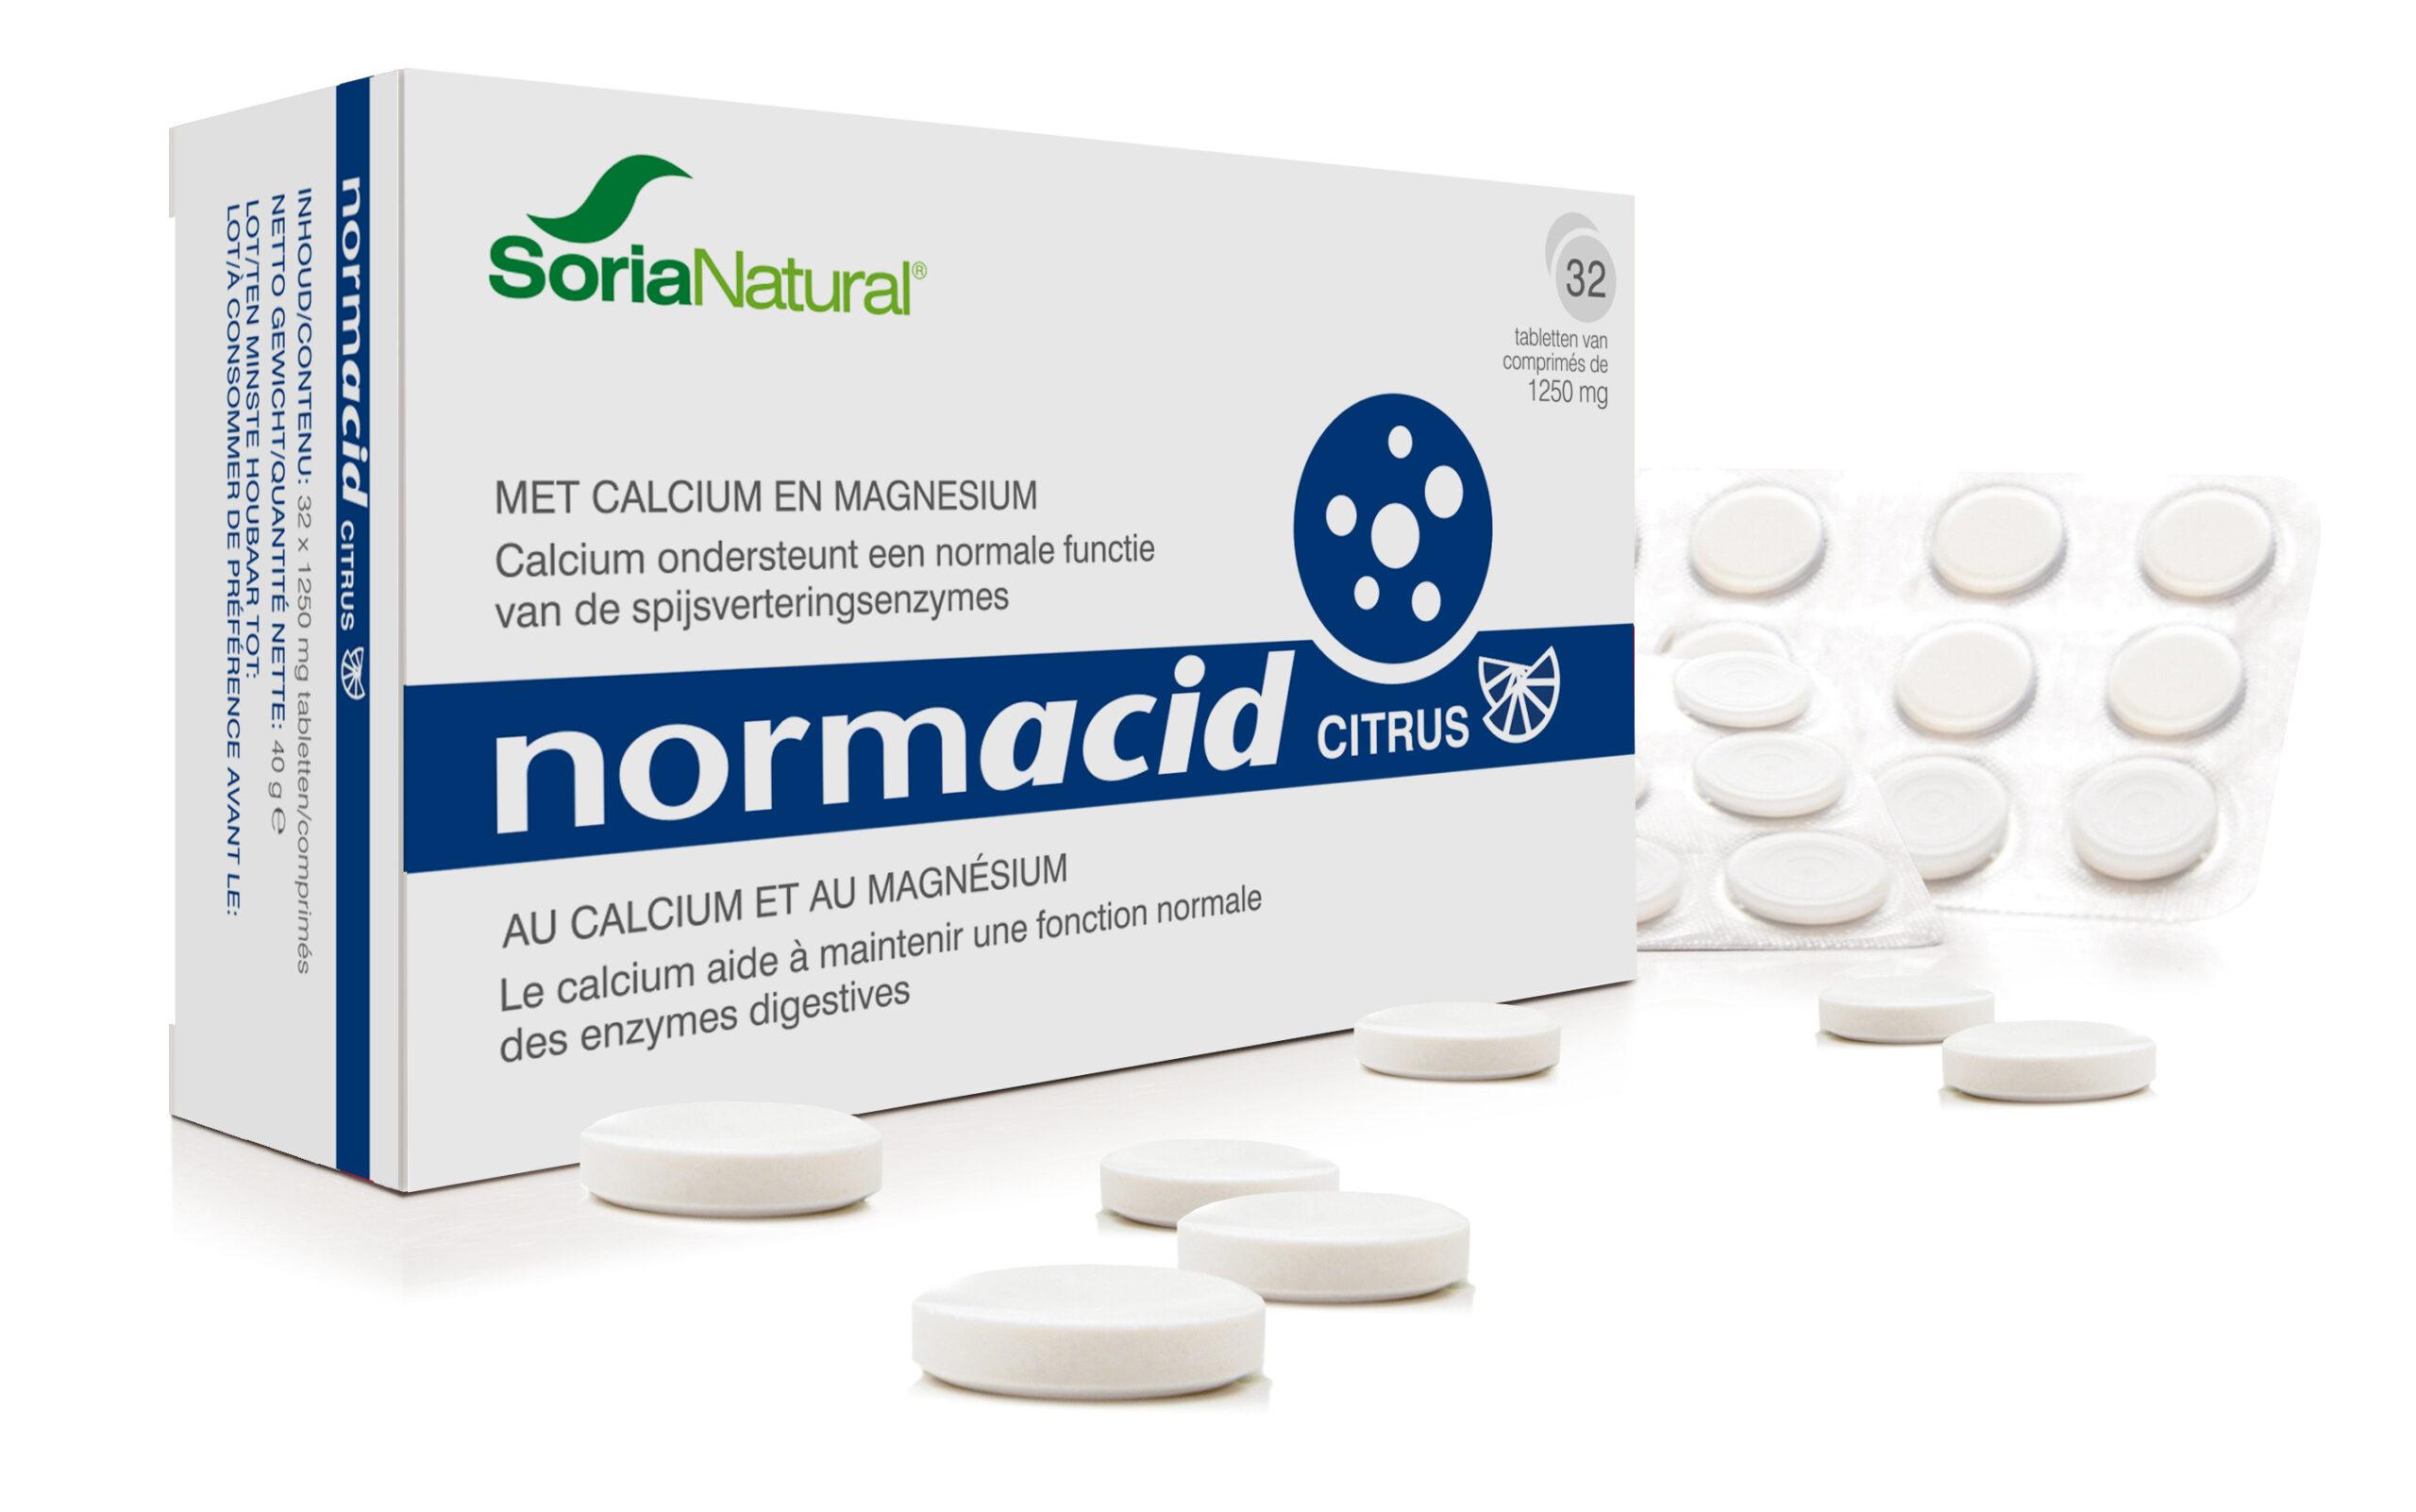 Normacid Citrus